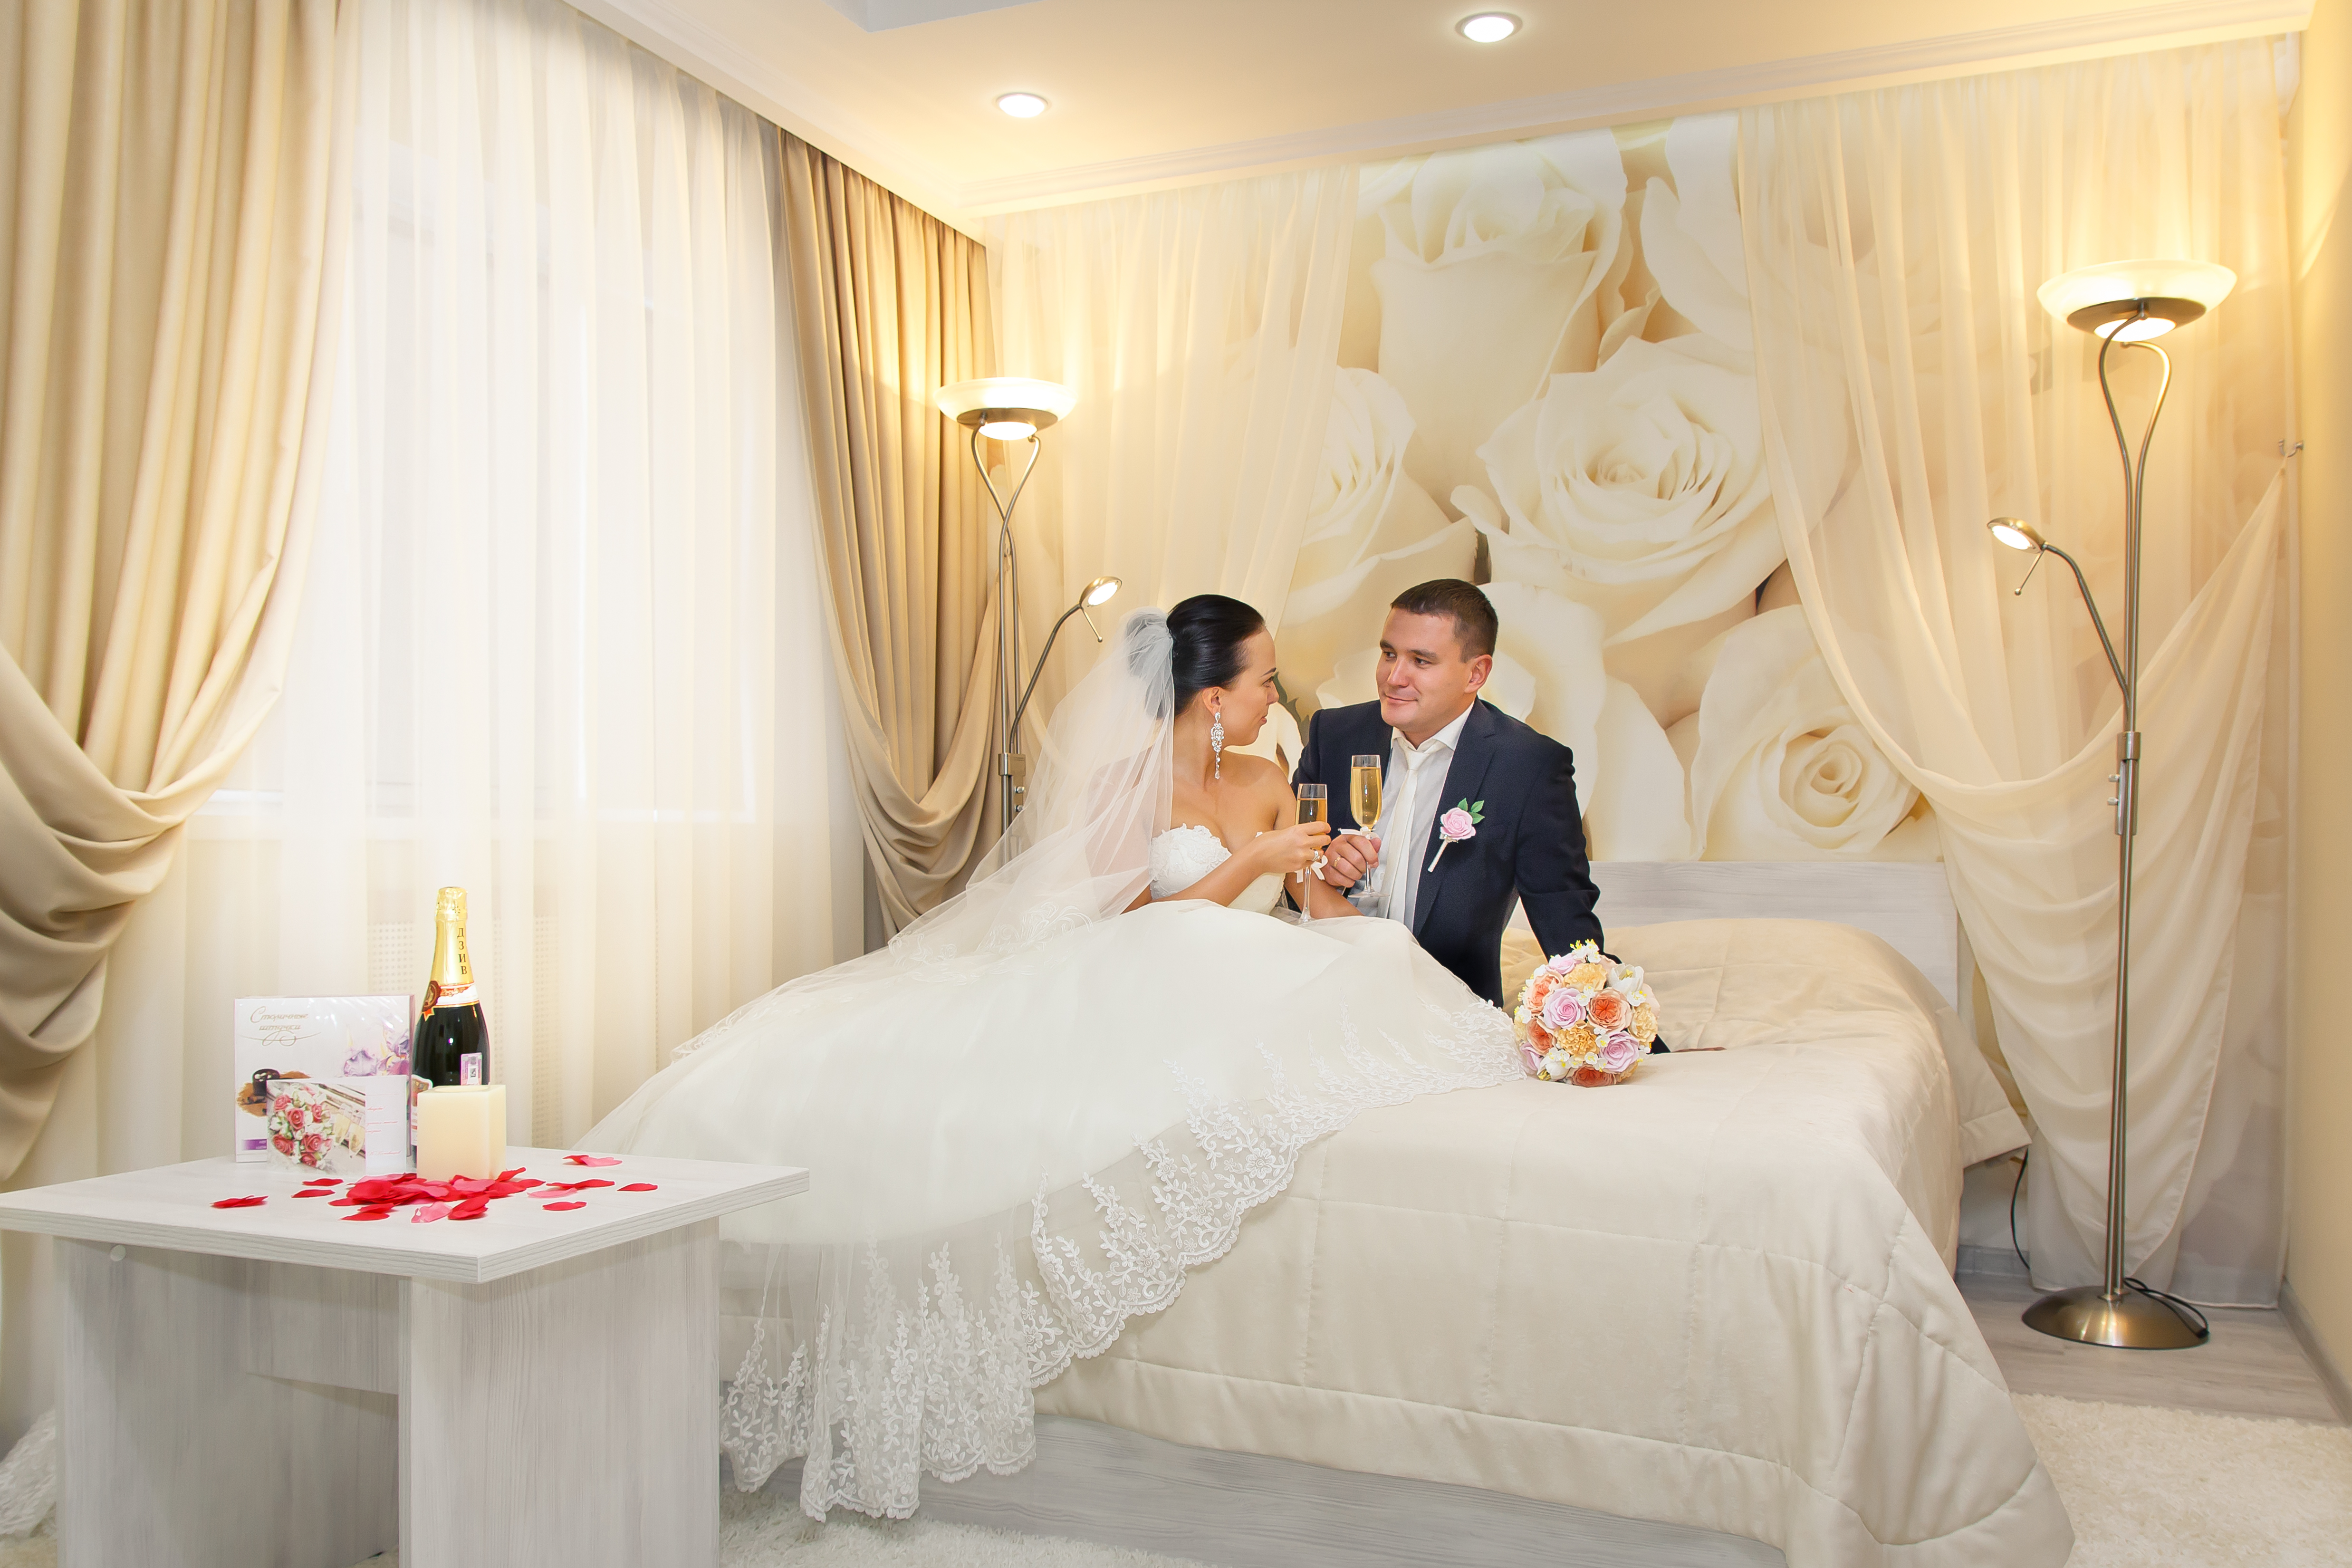 несколько рекомендаций, свадебная фото в спальне плитка геометрическим рисунком